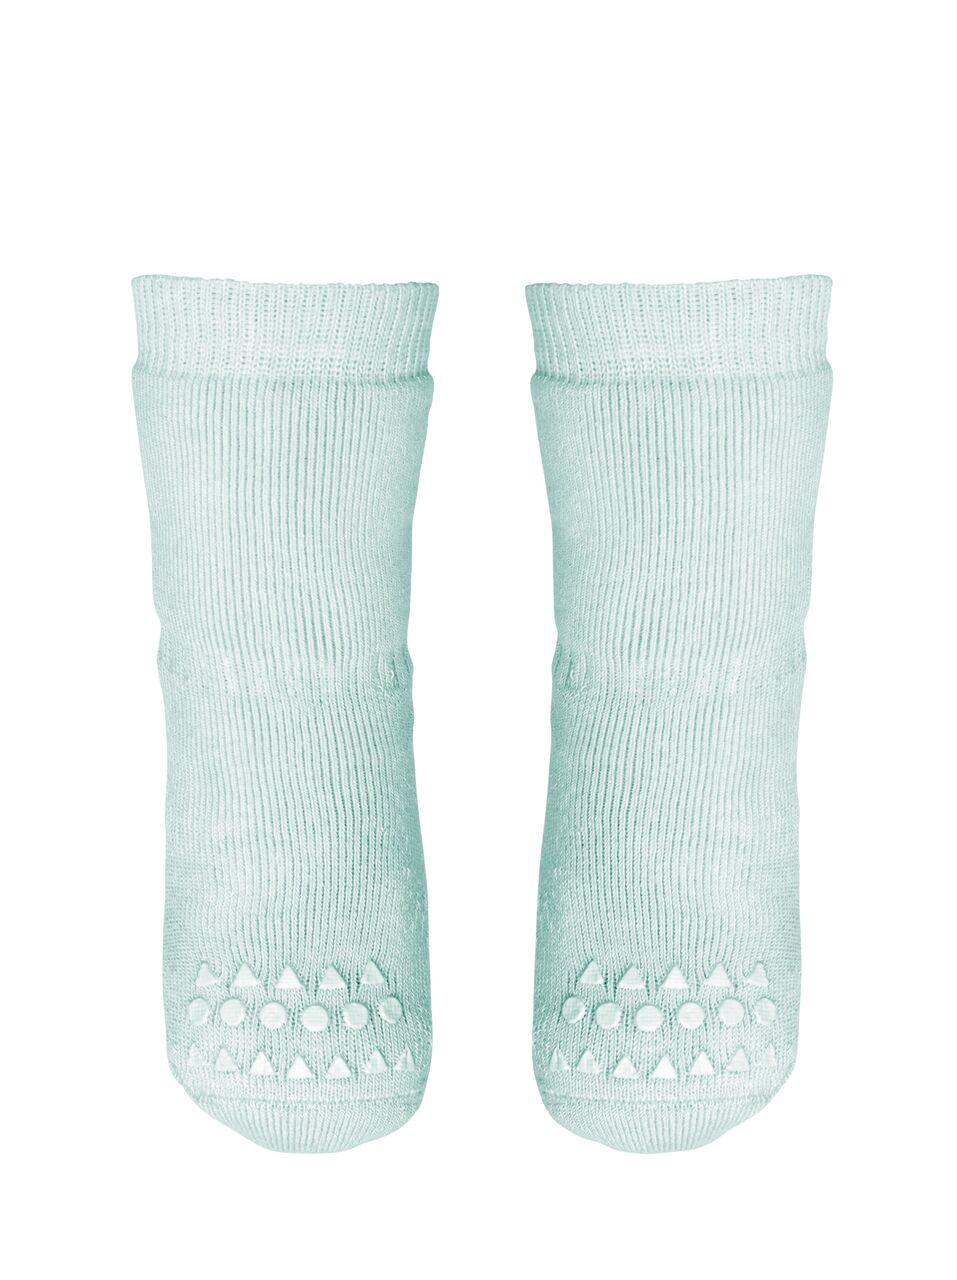 Mėtinės kojinaitės GOBABYGO 6-12 mėn. vaikams